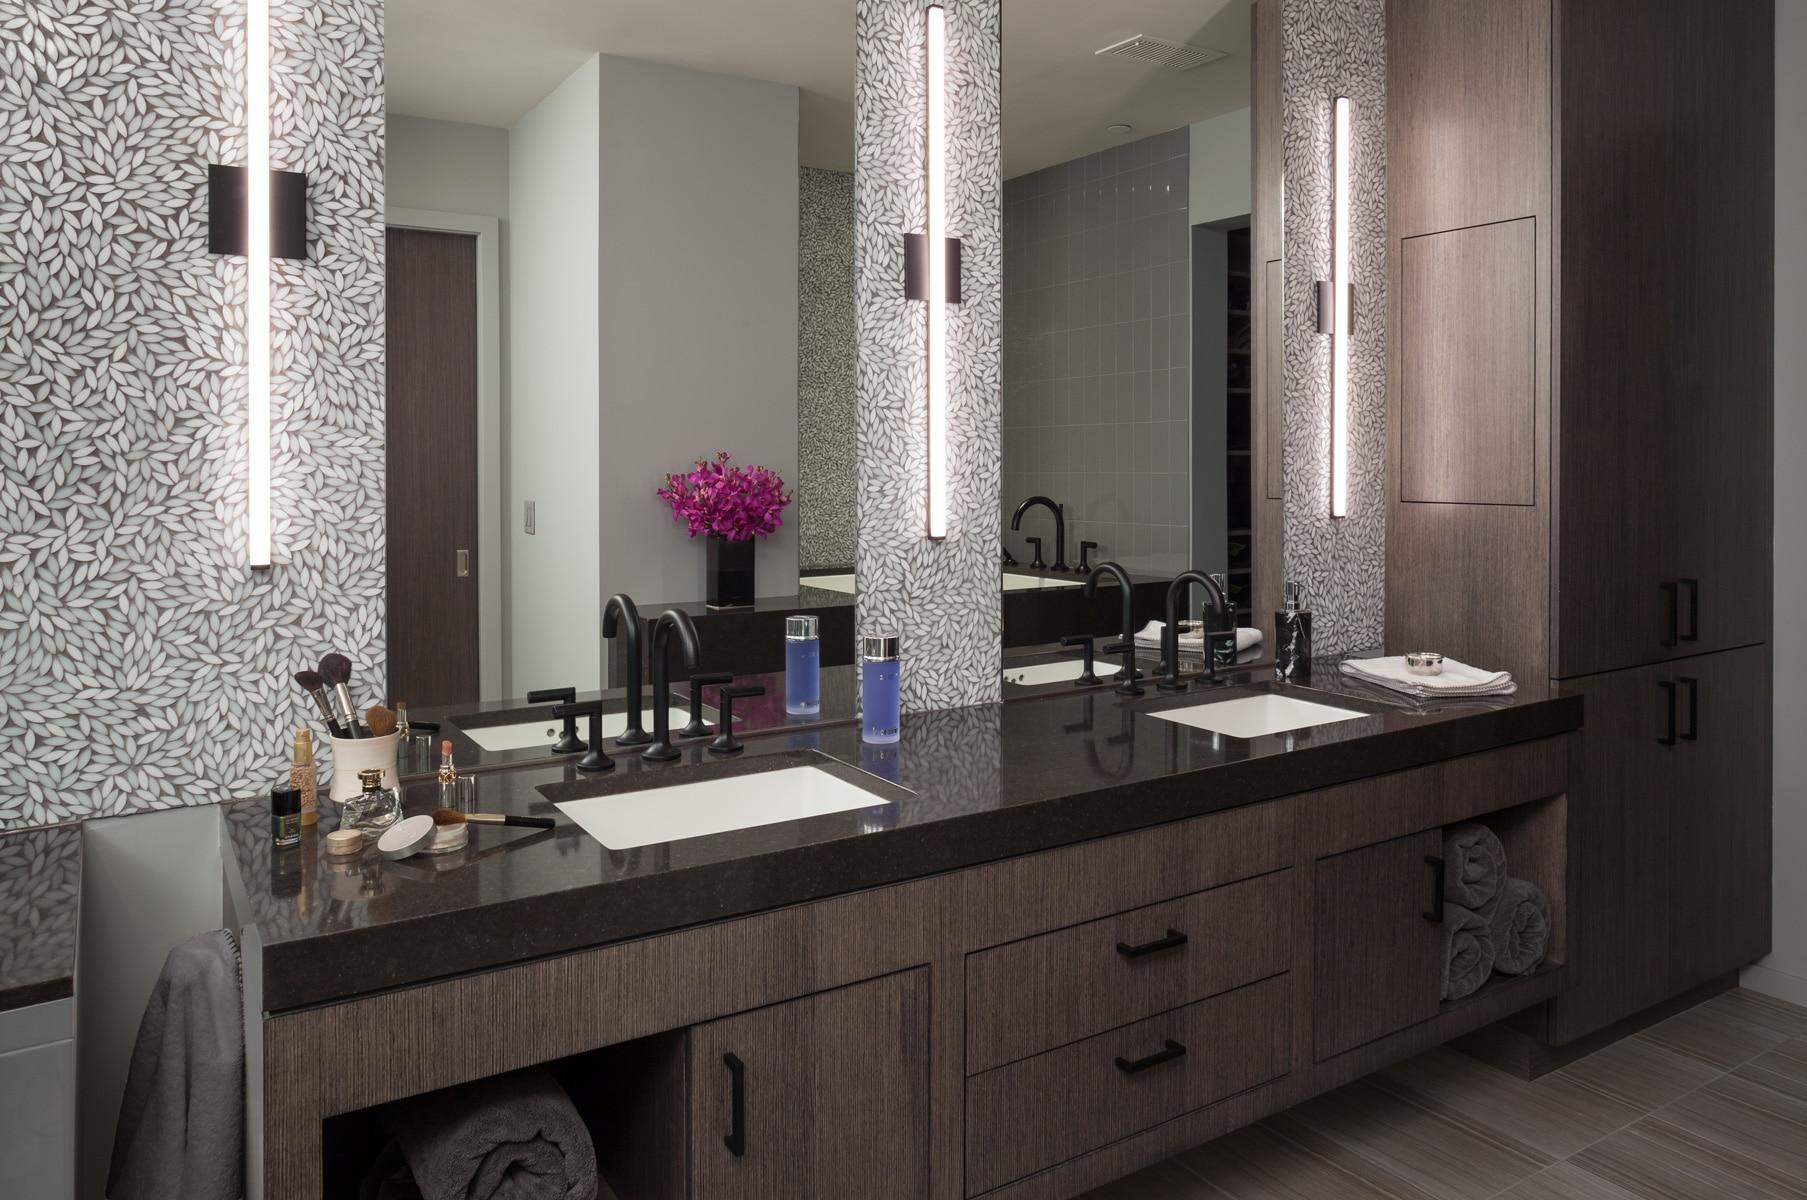 Exclusive-Luxury-Condominium-Master-Bath-Vanity-Edina-interior-designer.jpg